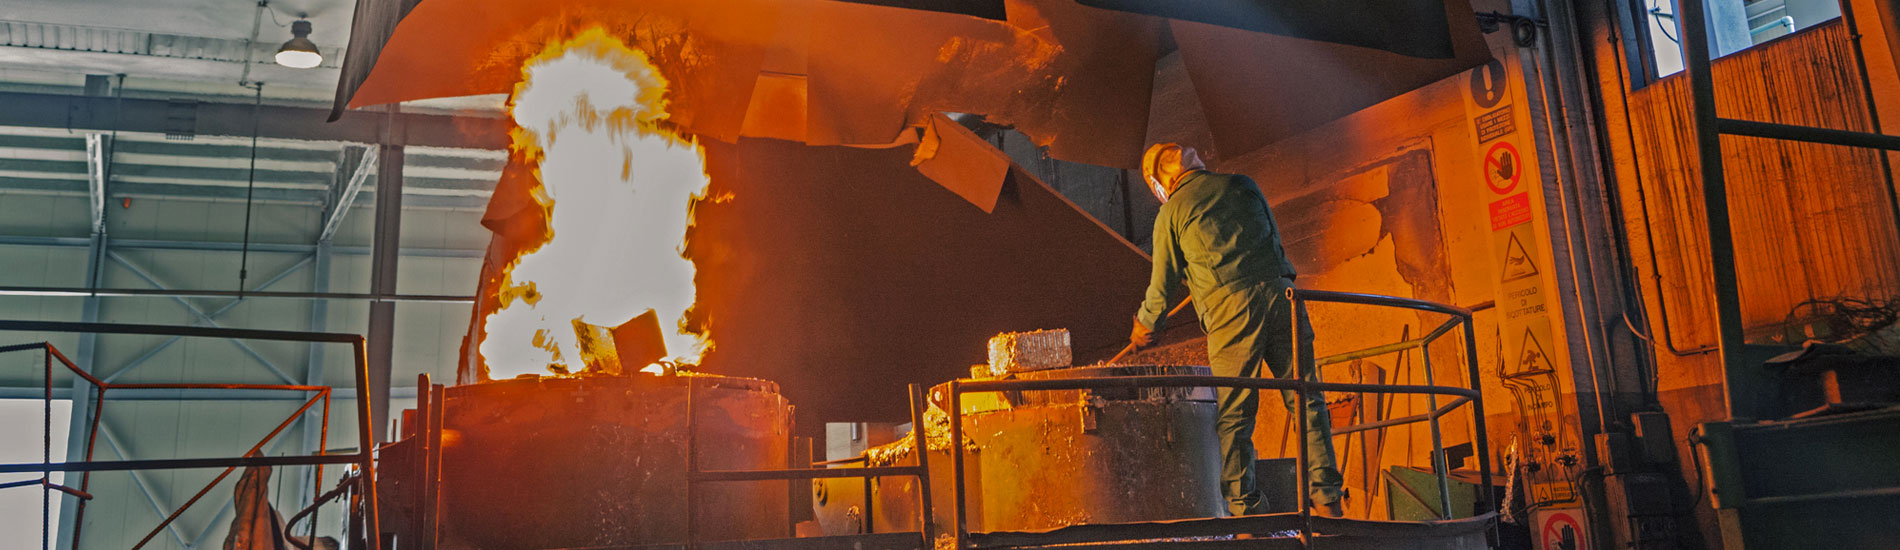 Uno dei forni - Fometal - Fonderia alluminio, leghe madri e affini